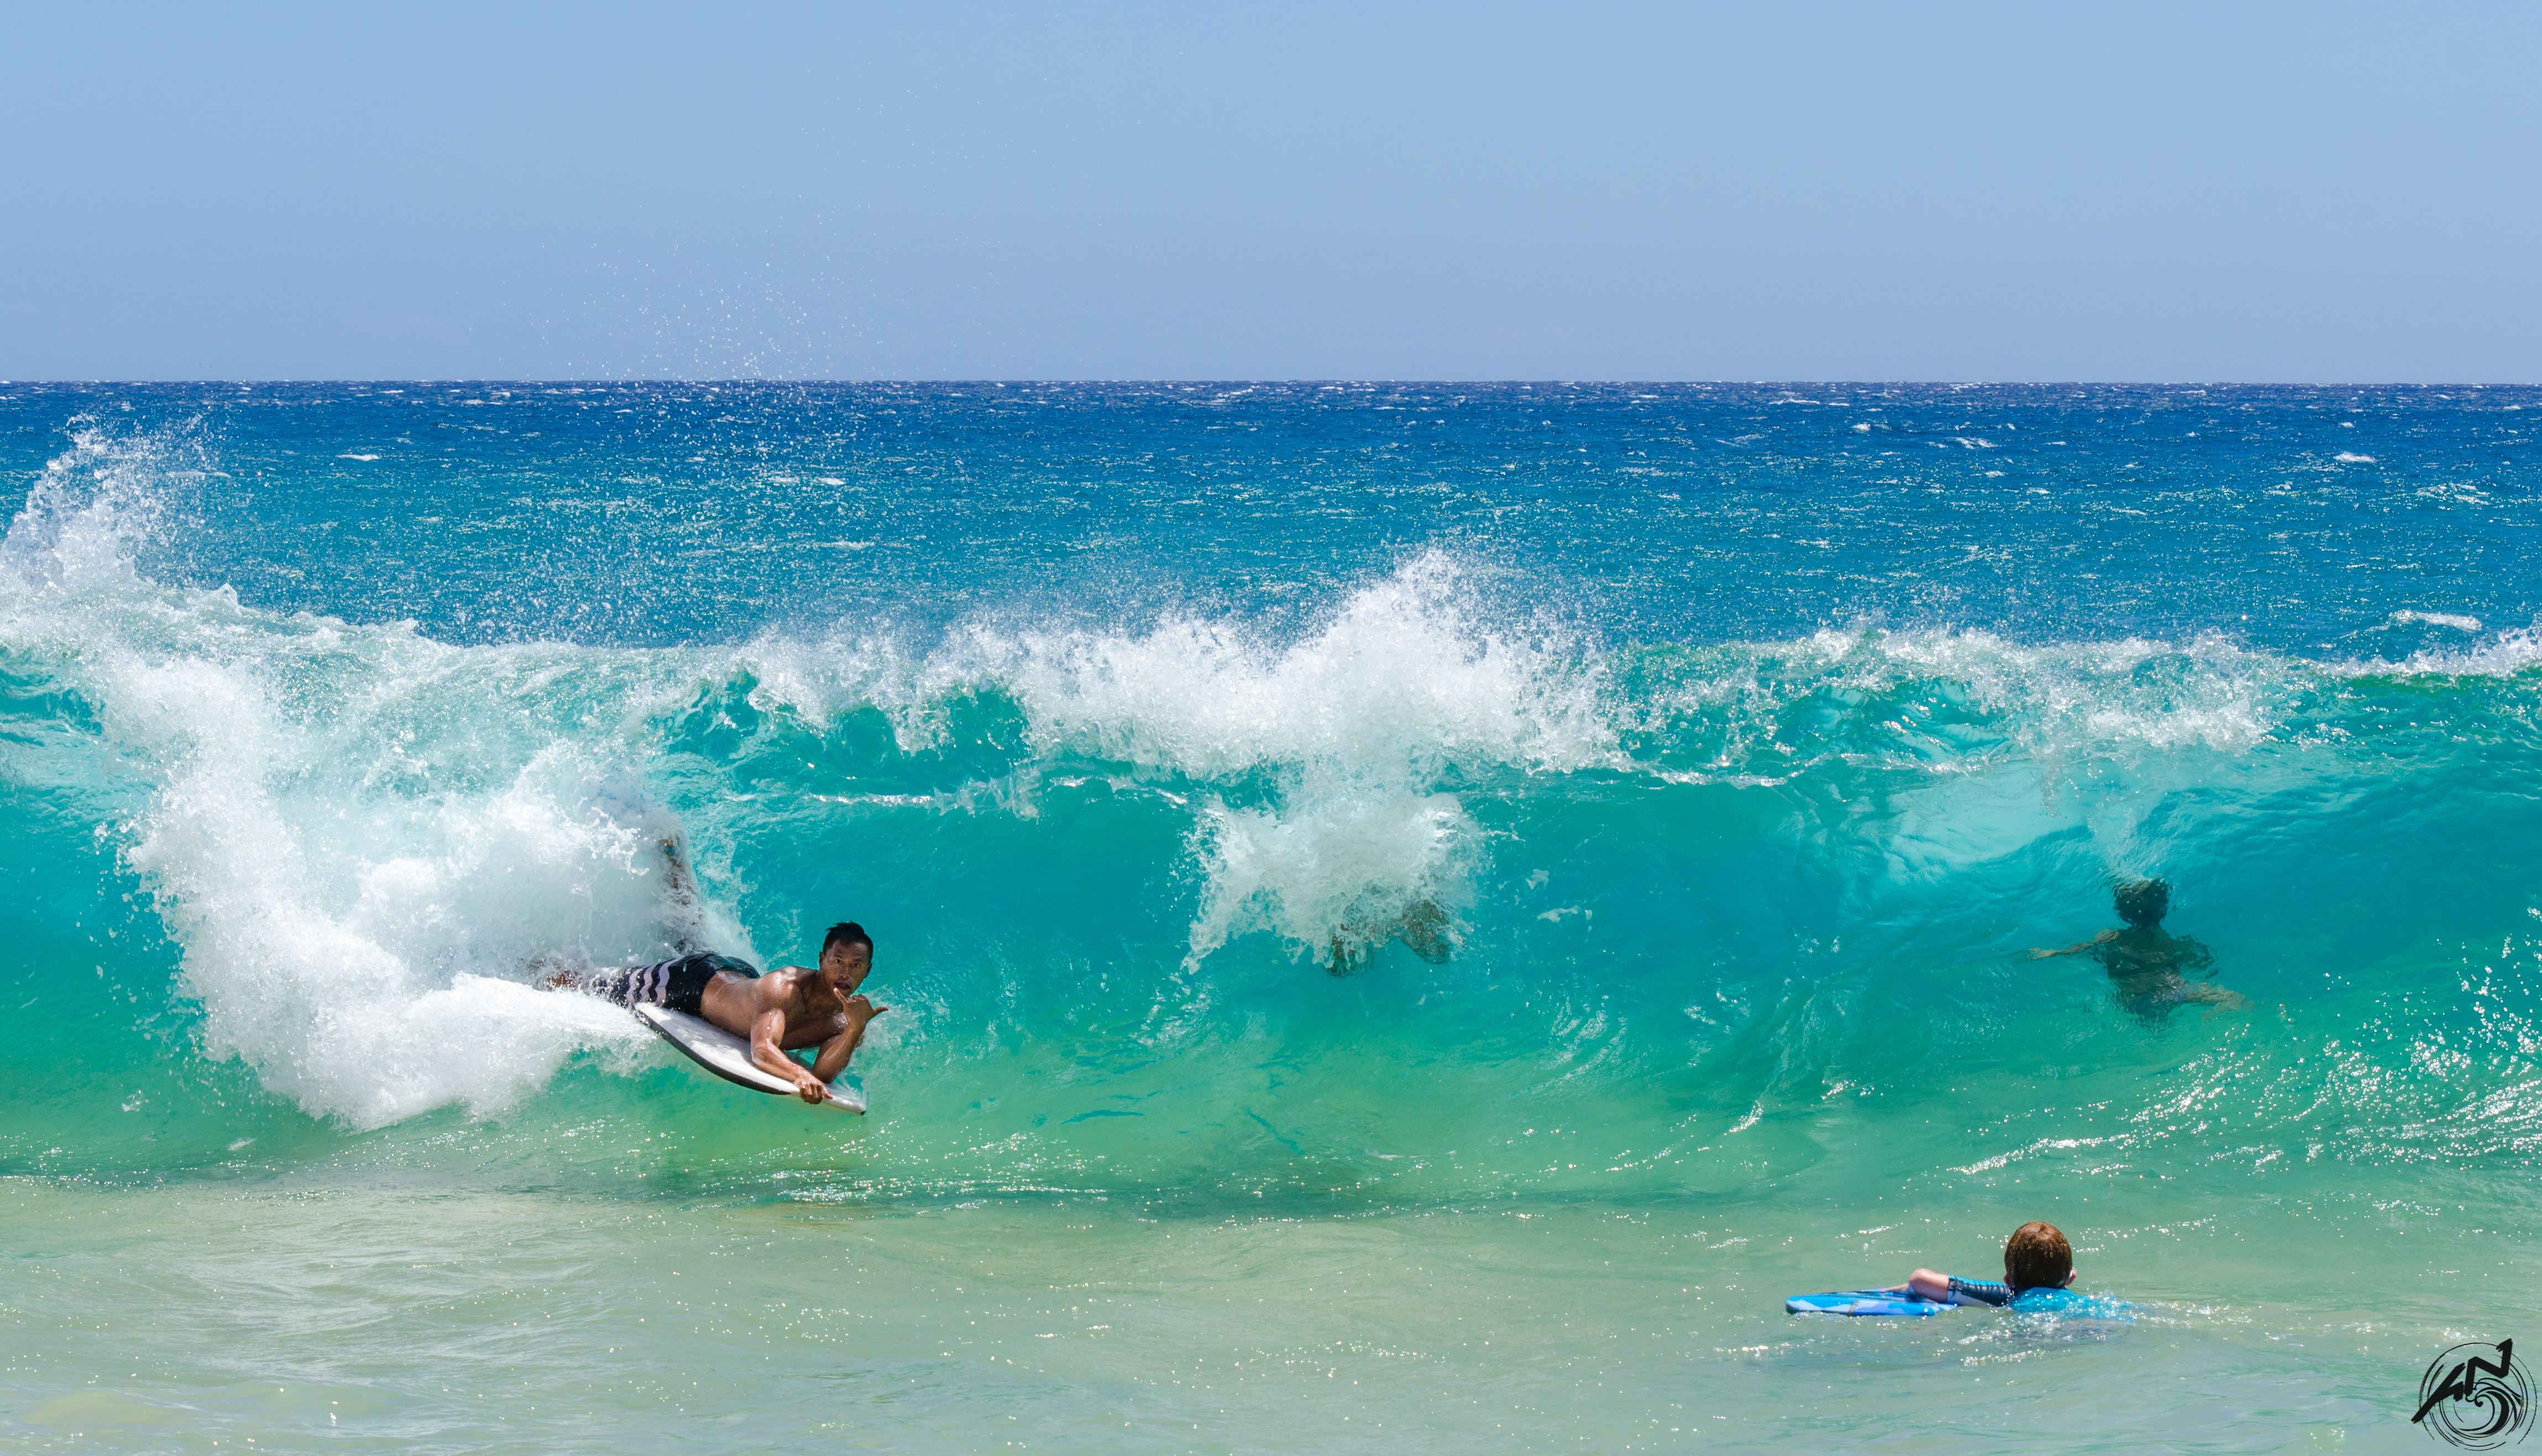 Clases de Surf - 4598x2634